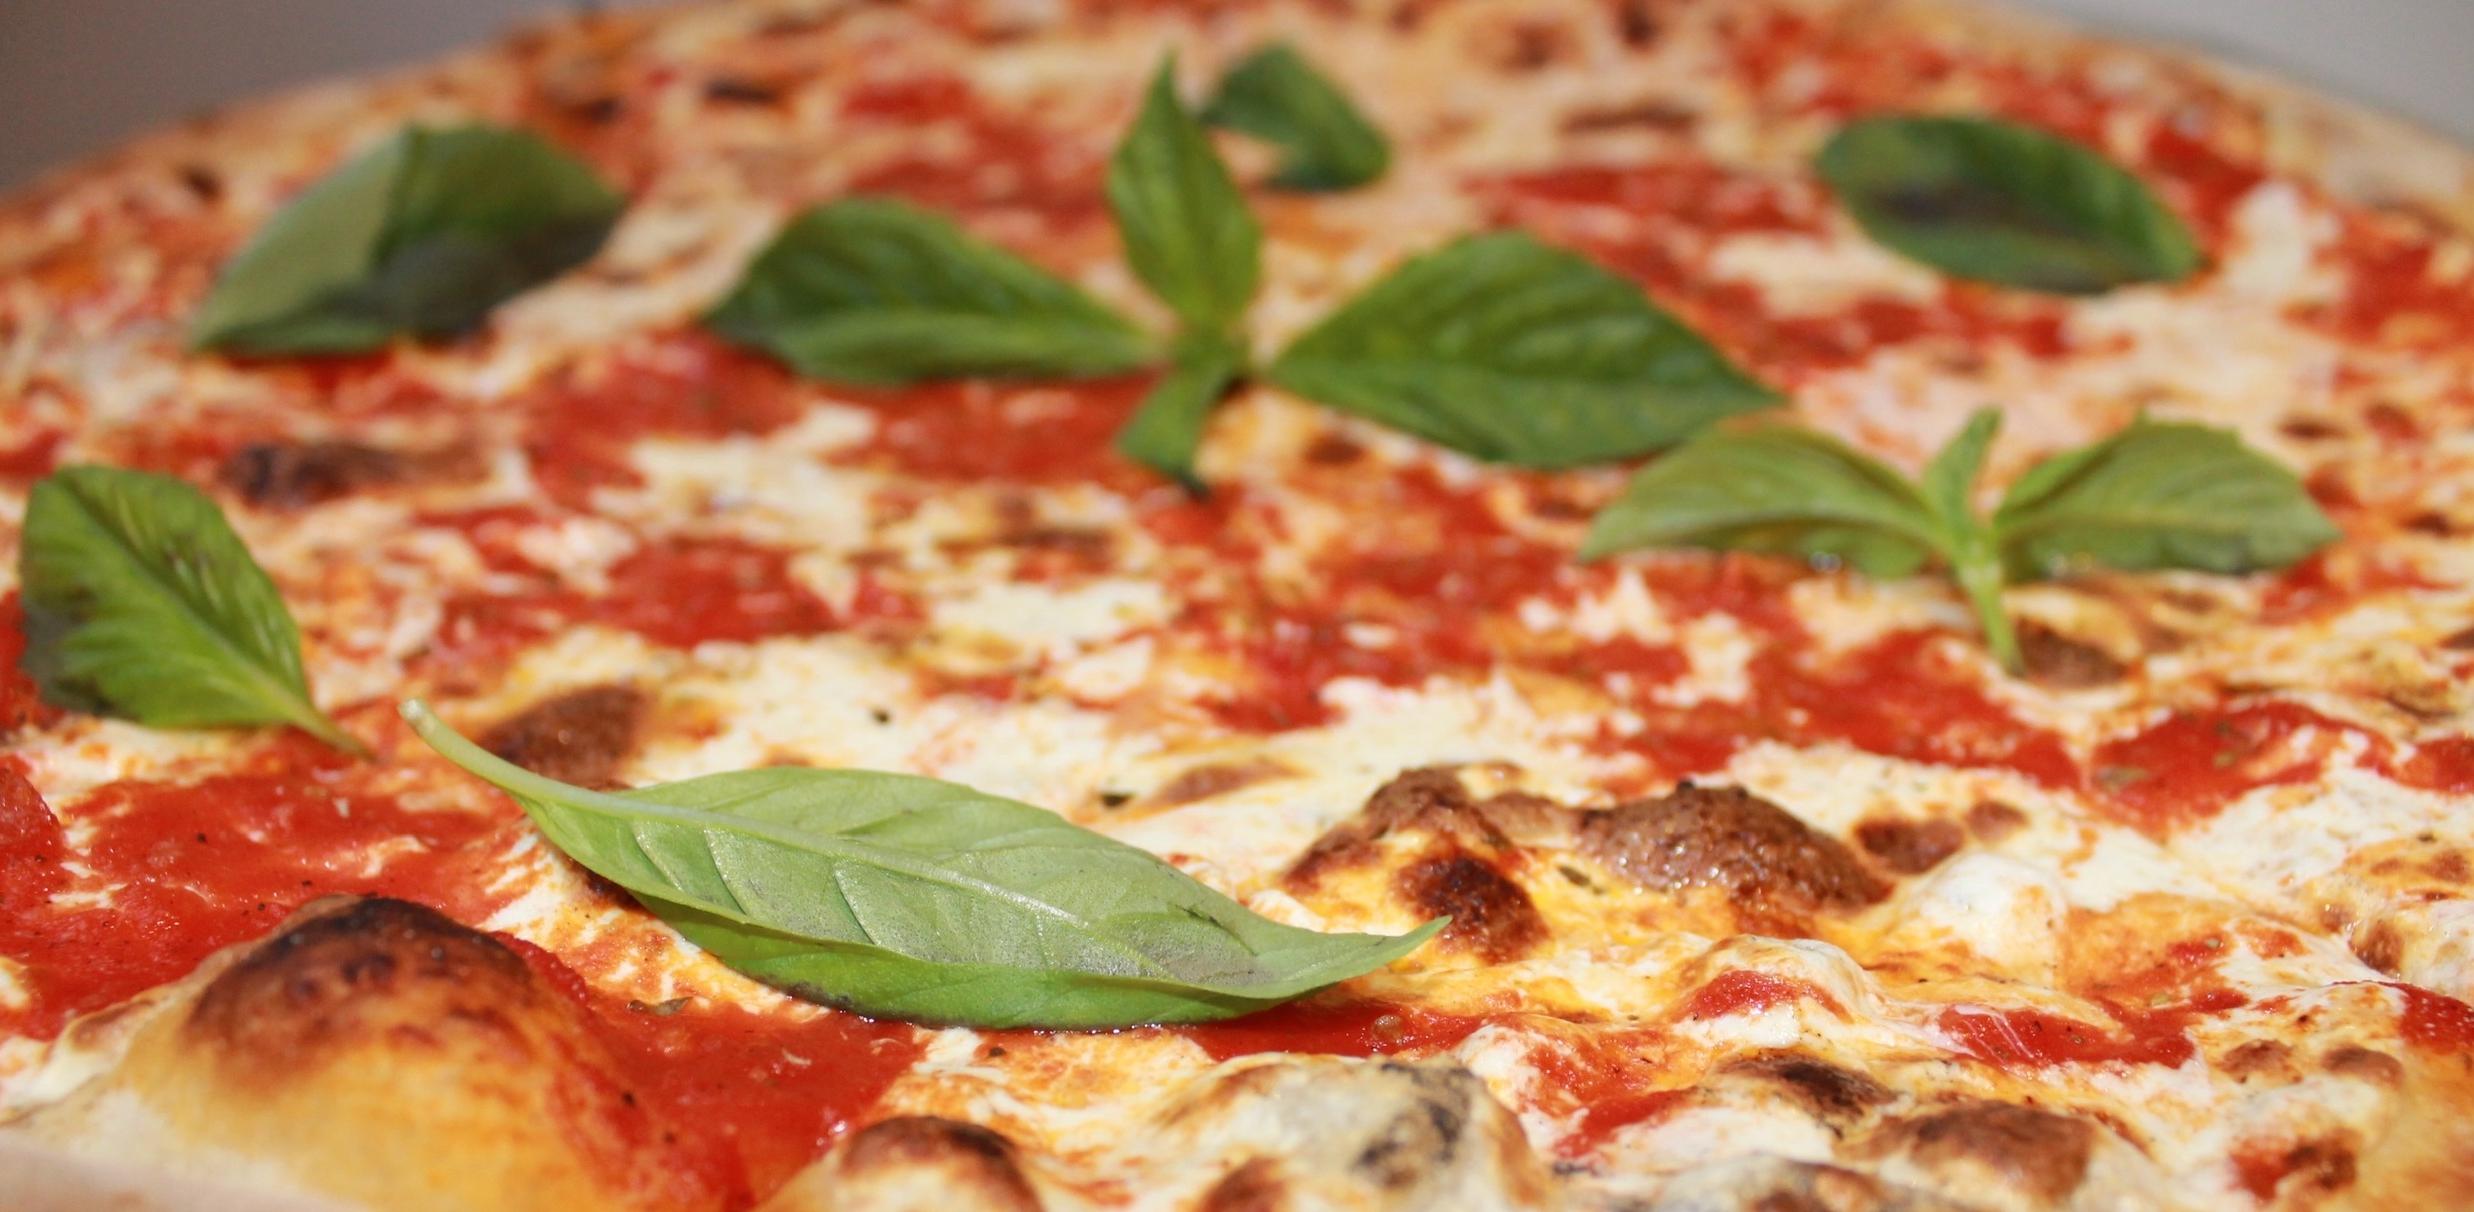 angelo u0027s pizza broadway best coal oven pizza in new york